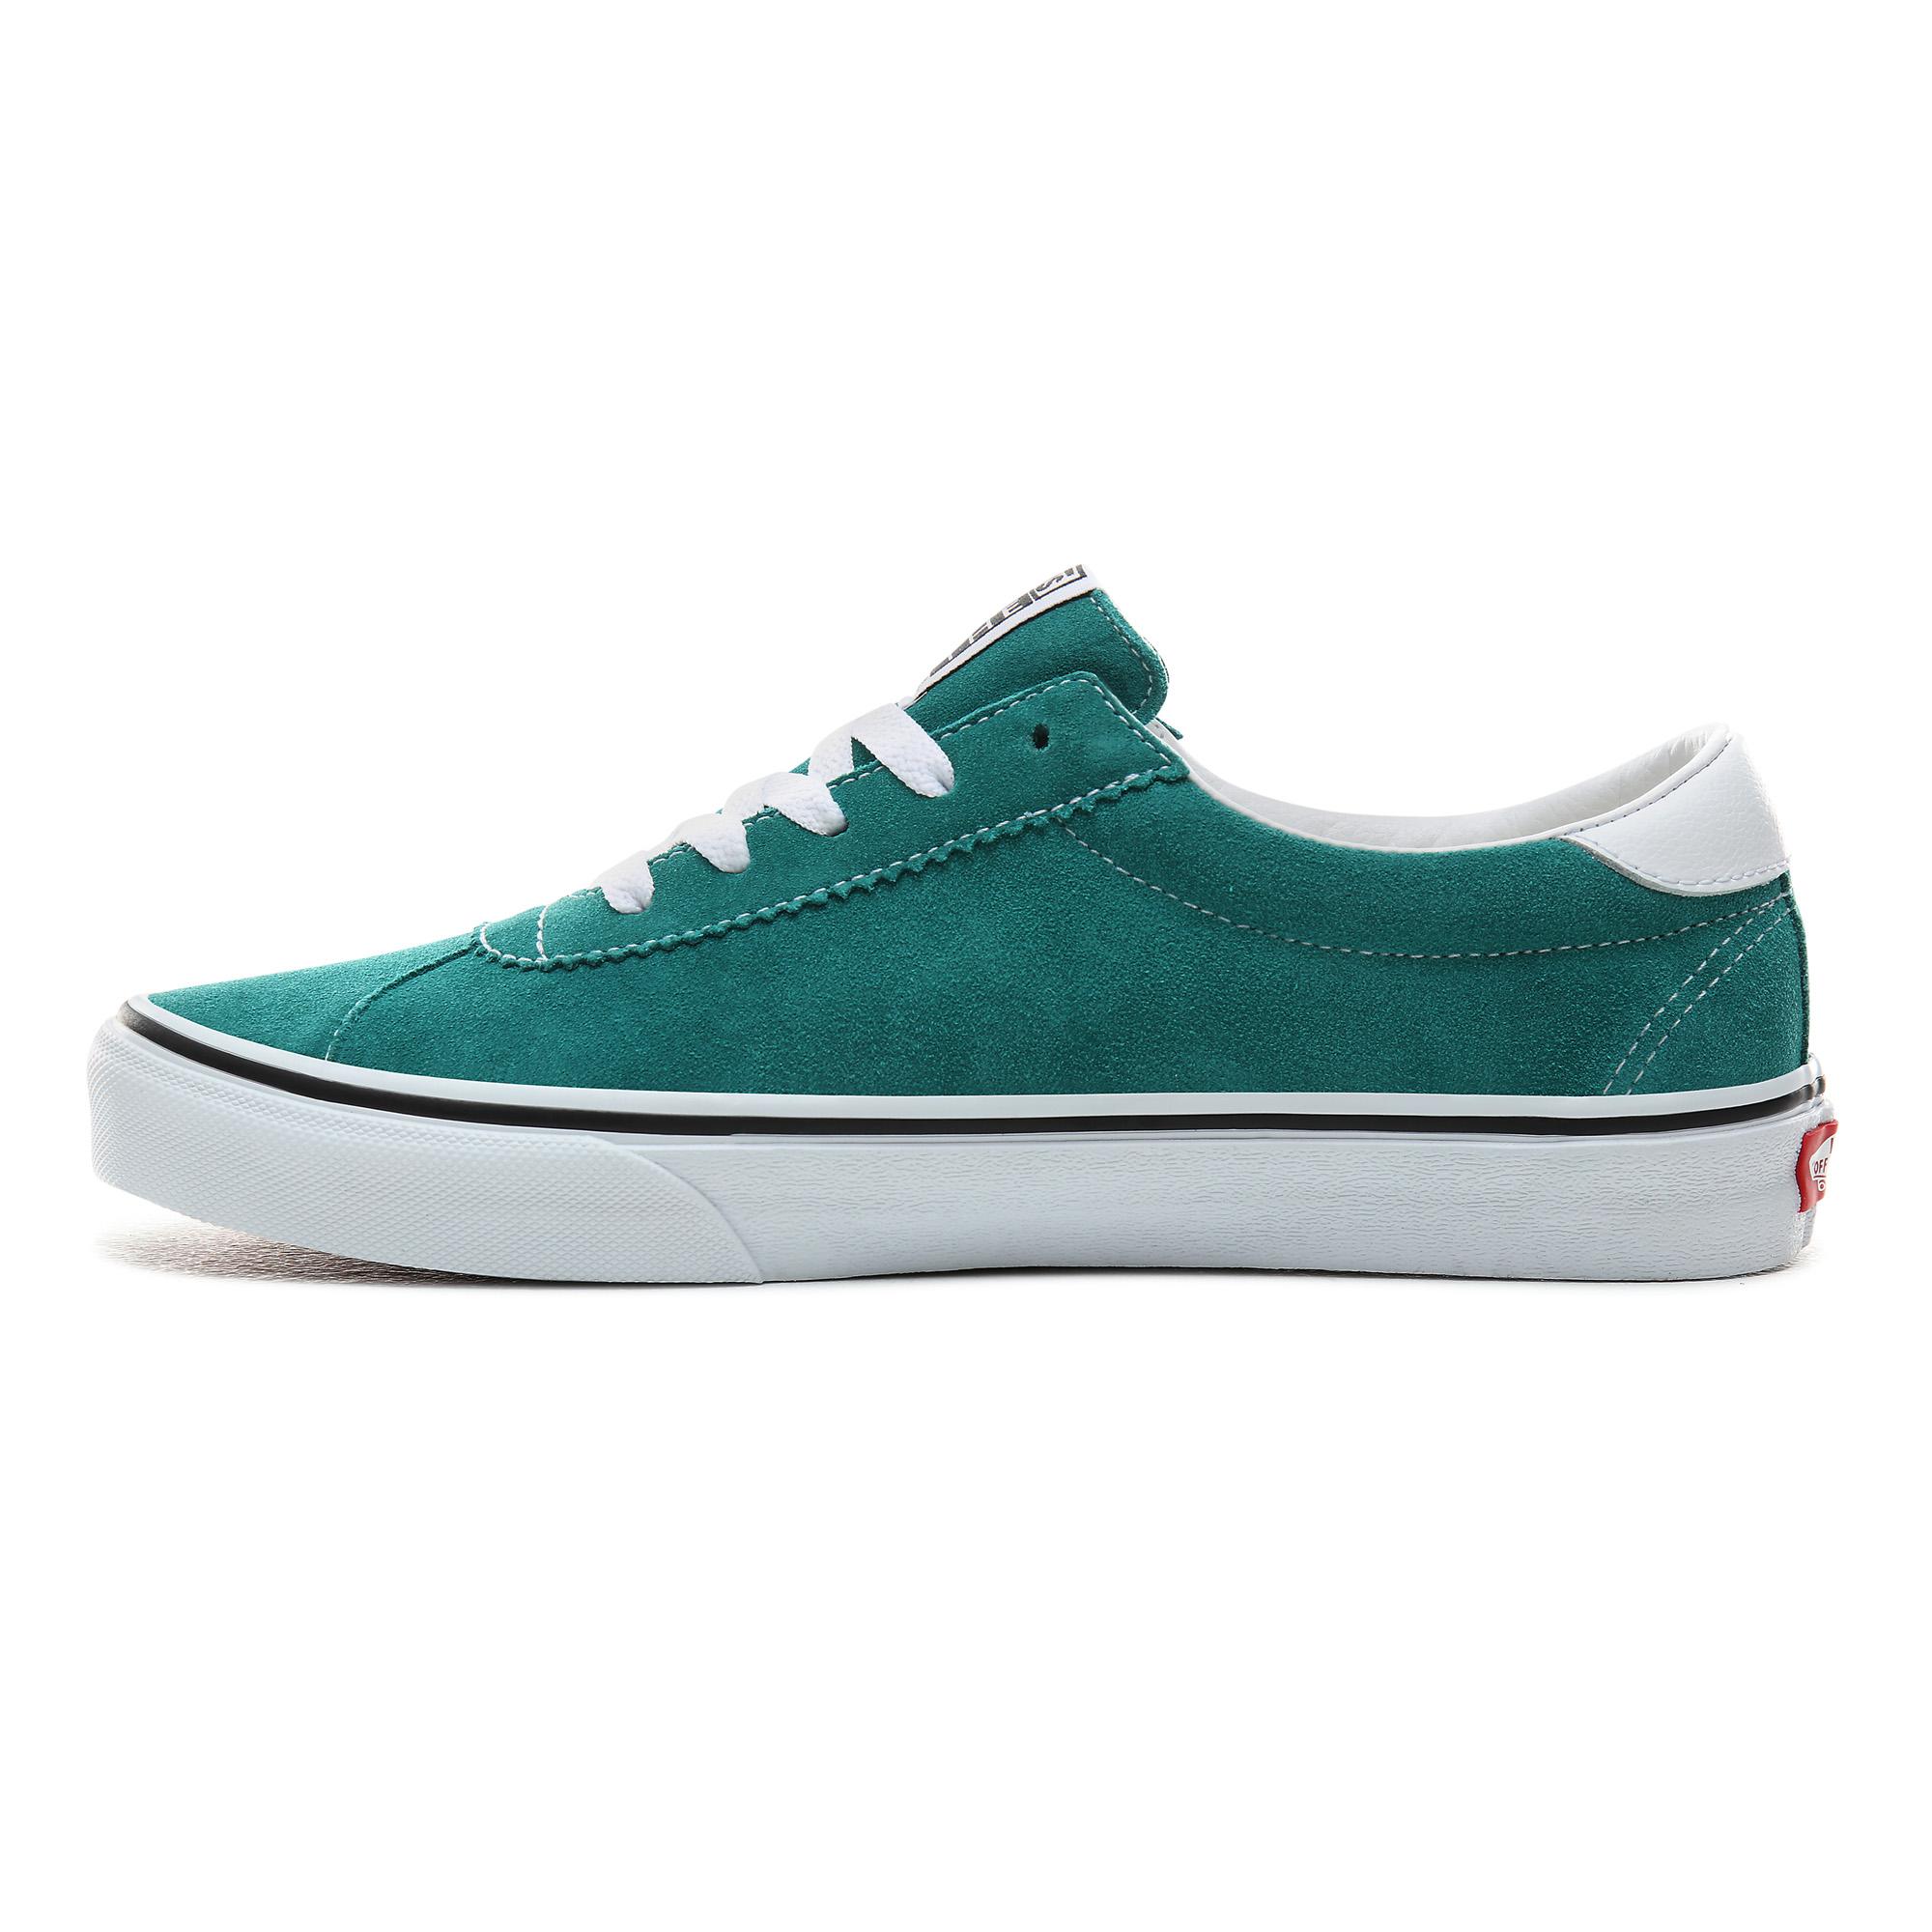 Фото 3 - Кеды Vans Sport зеленого цвета